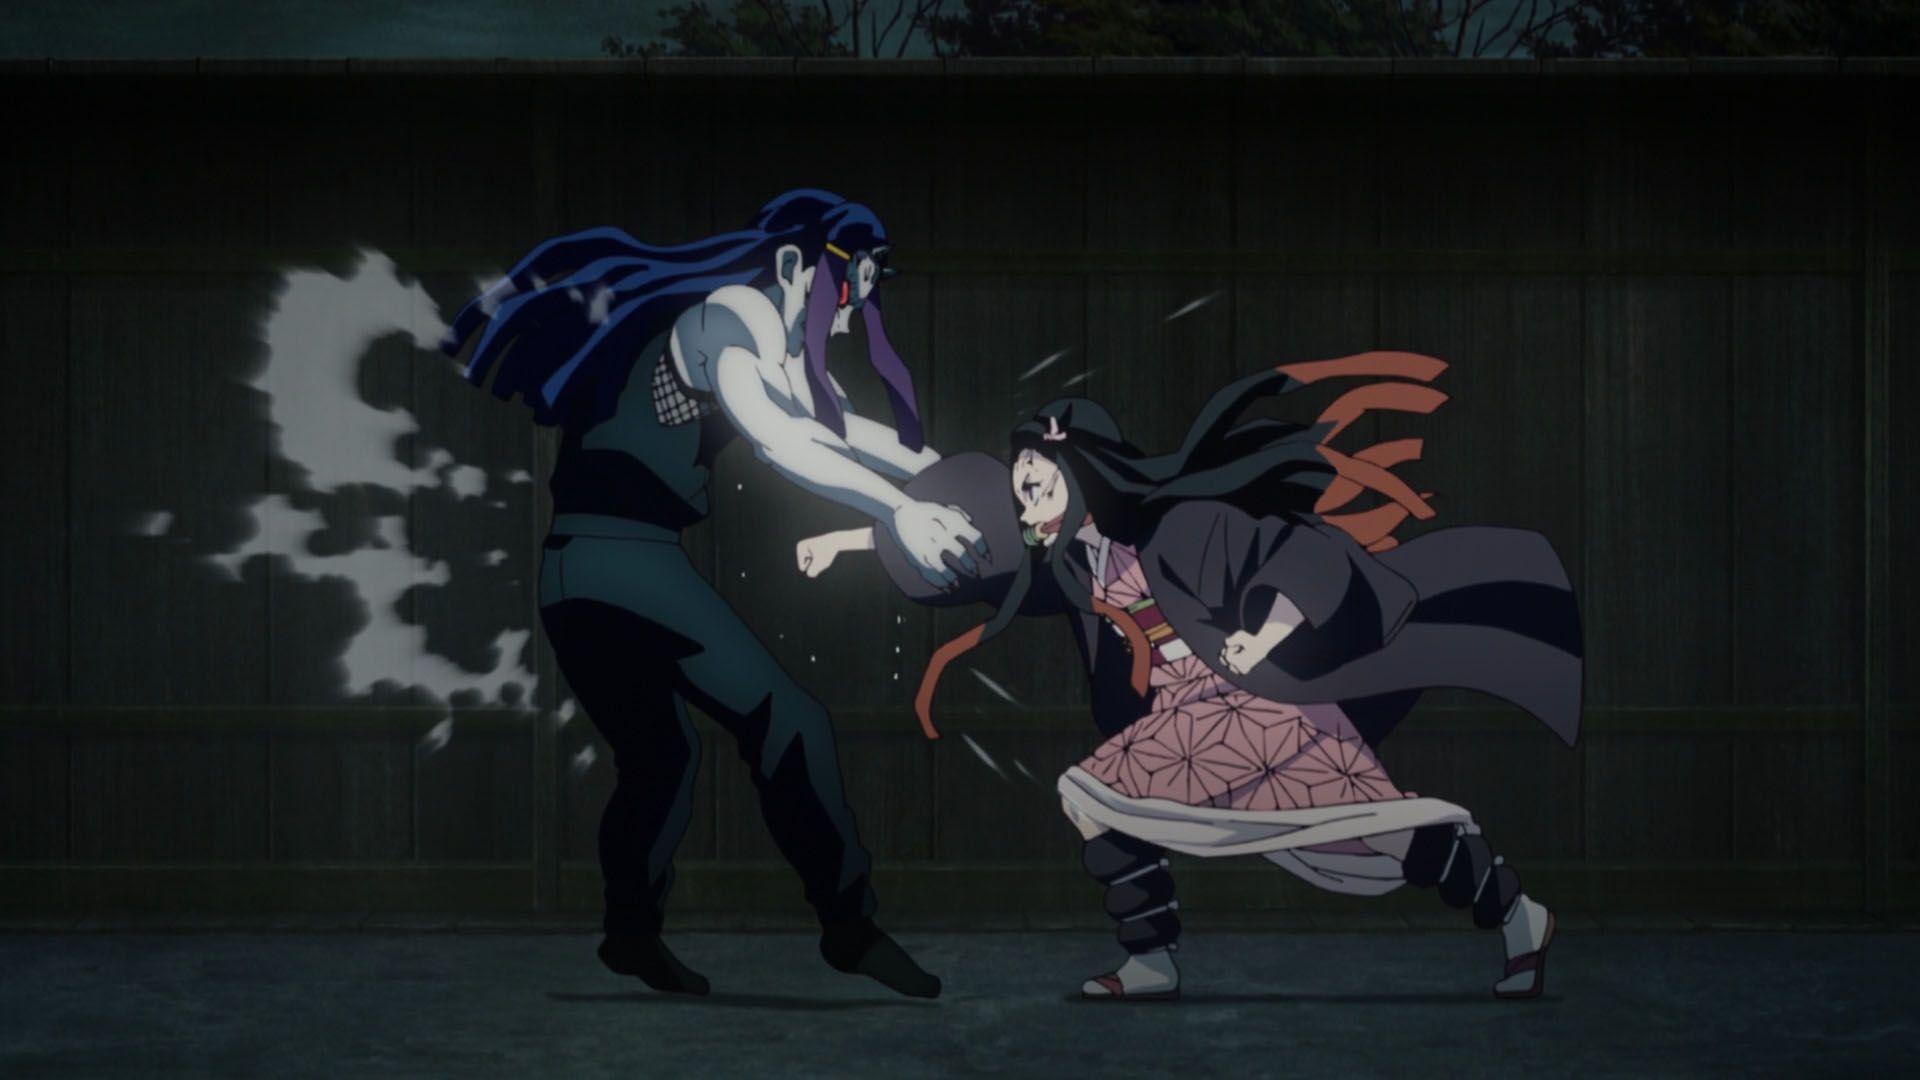 Demon Slayer Kimetsu no Yaiba Episode 7 & 8 Recap